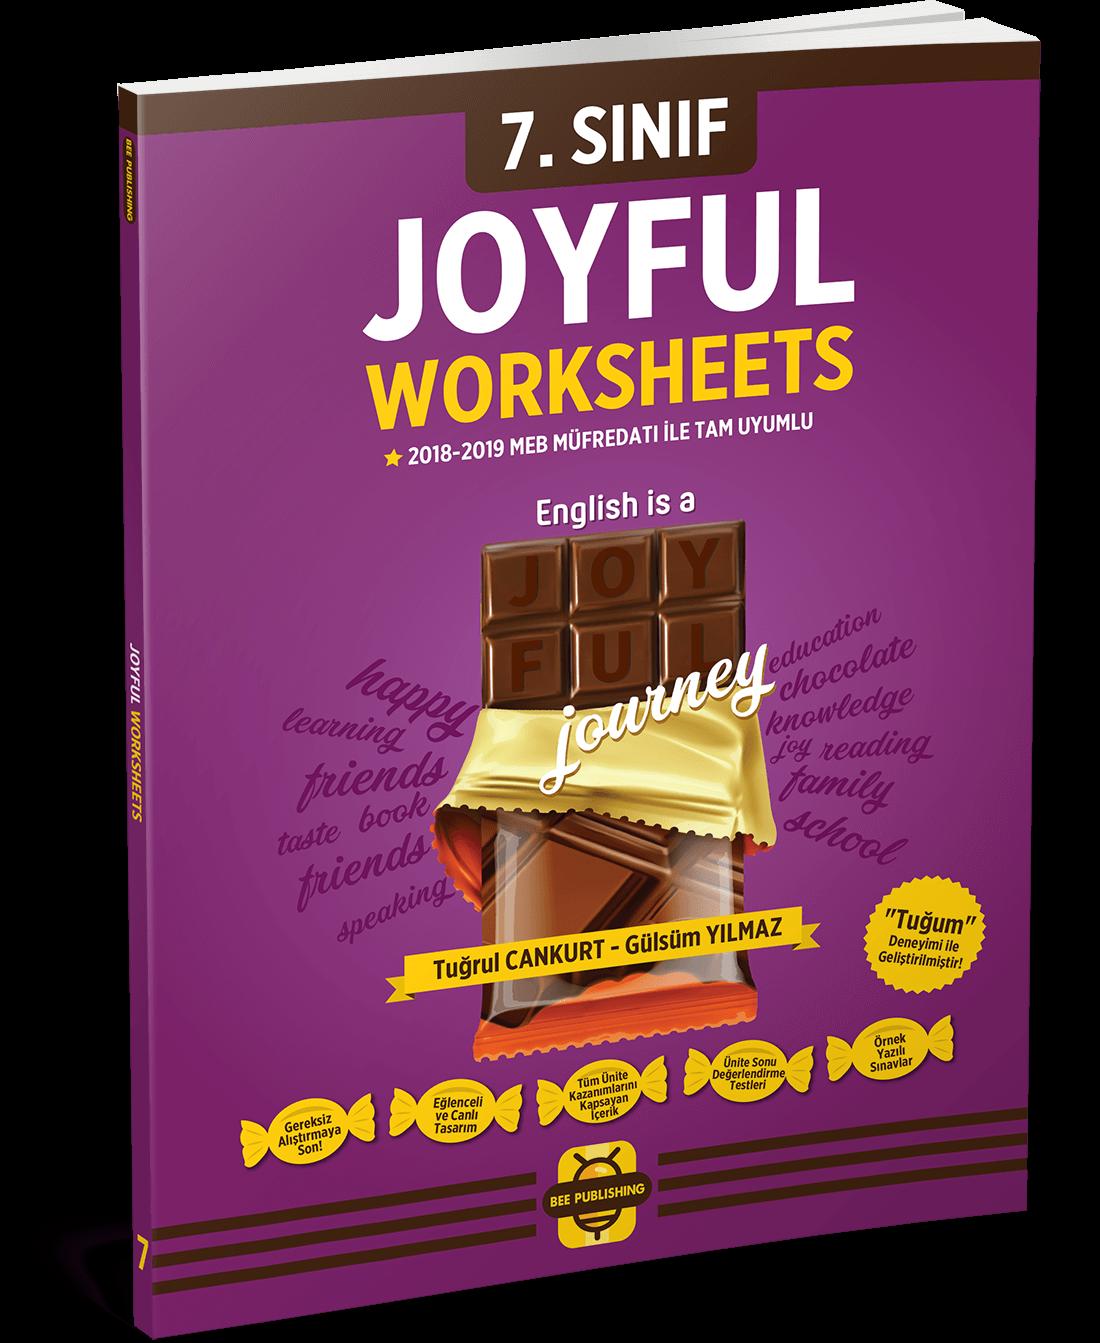 Joyful Worksheets 7. Sınıf